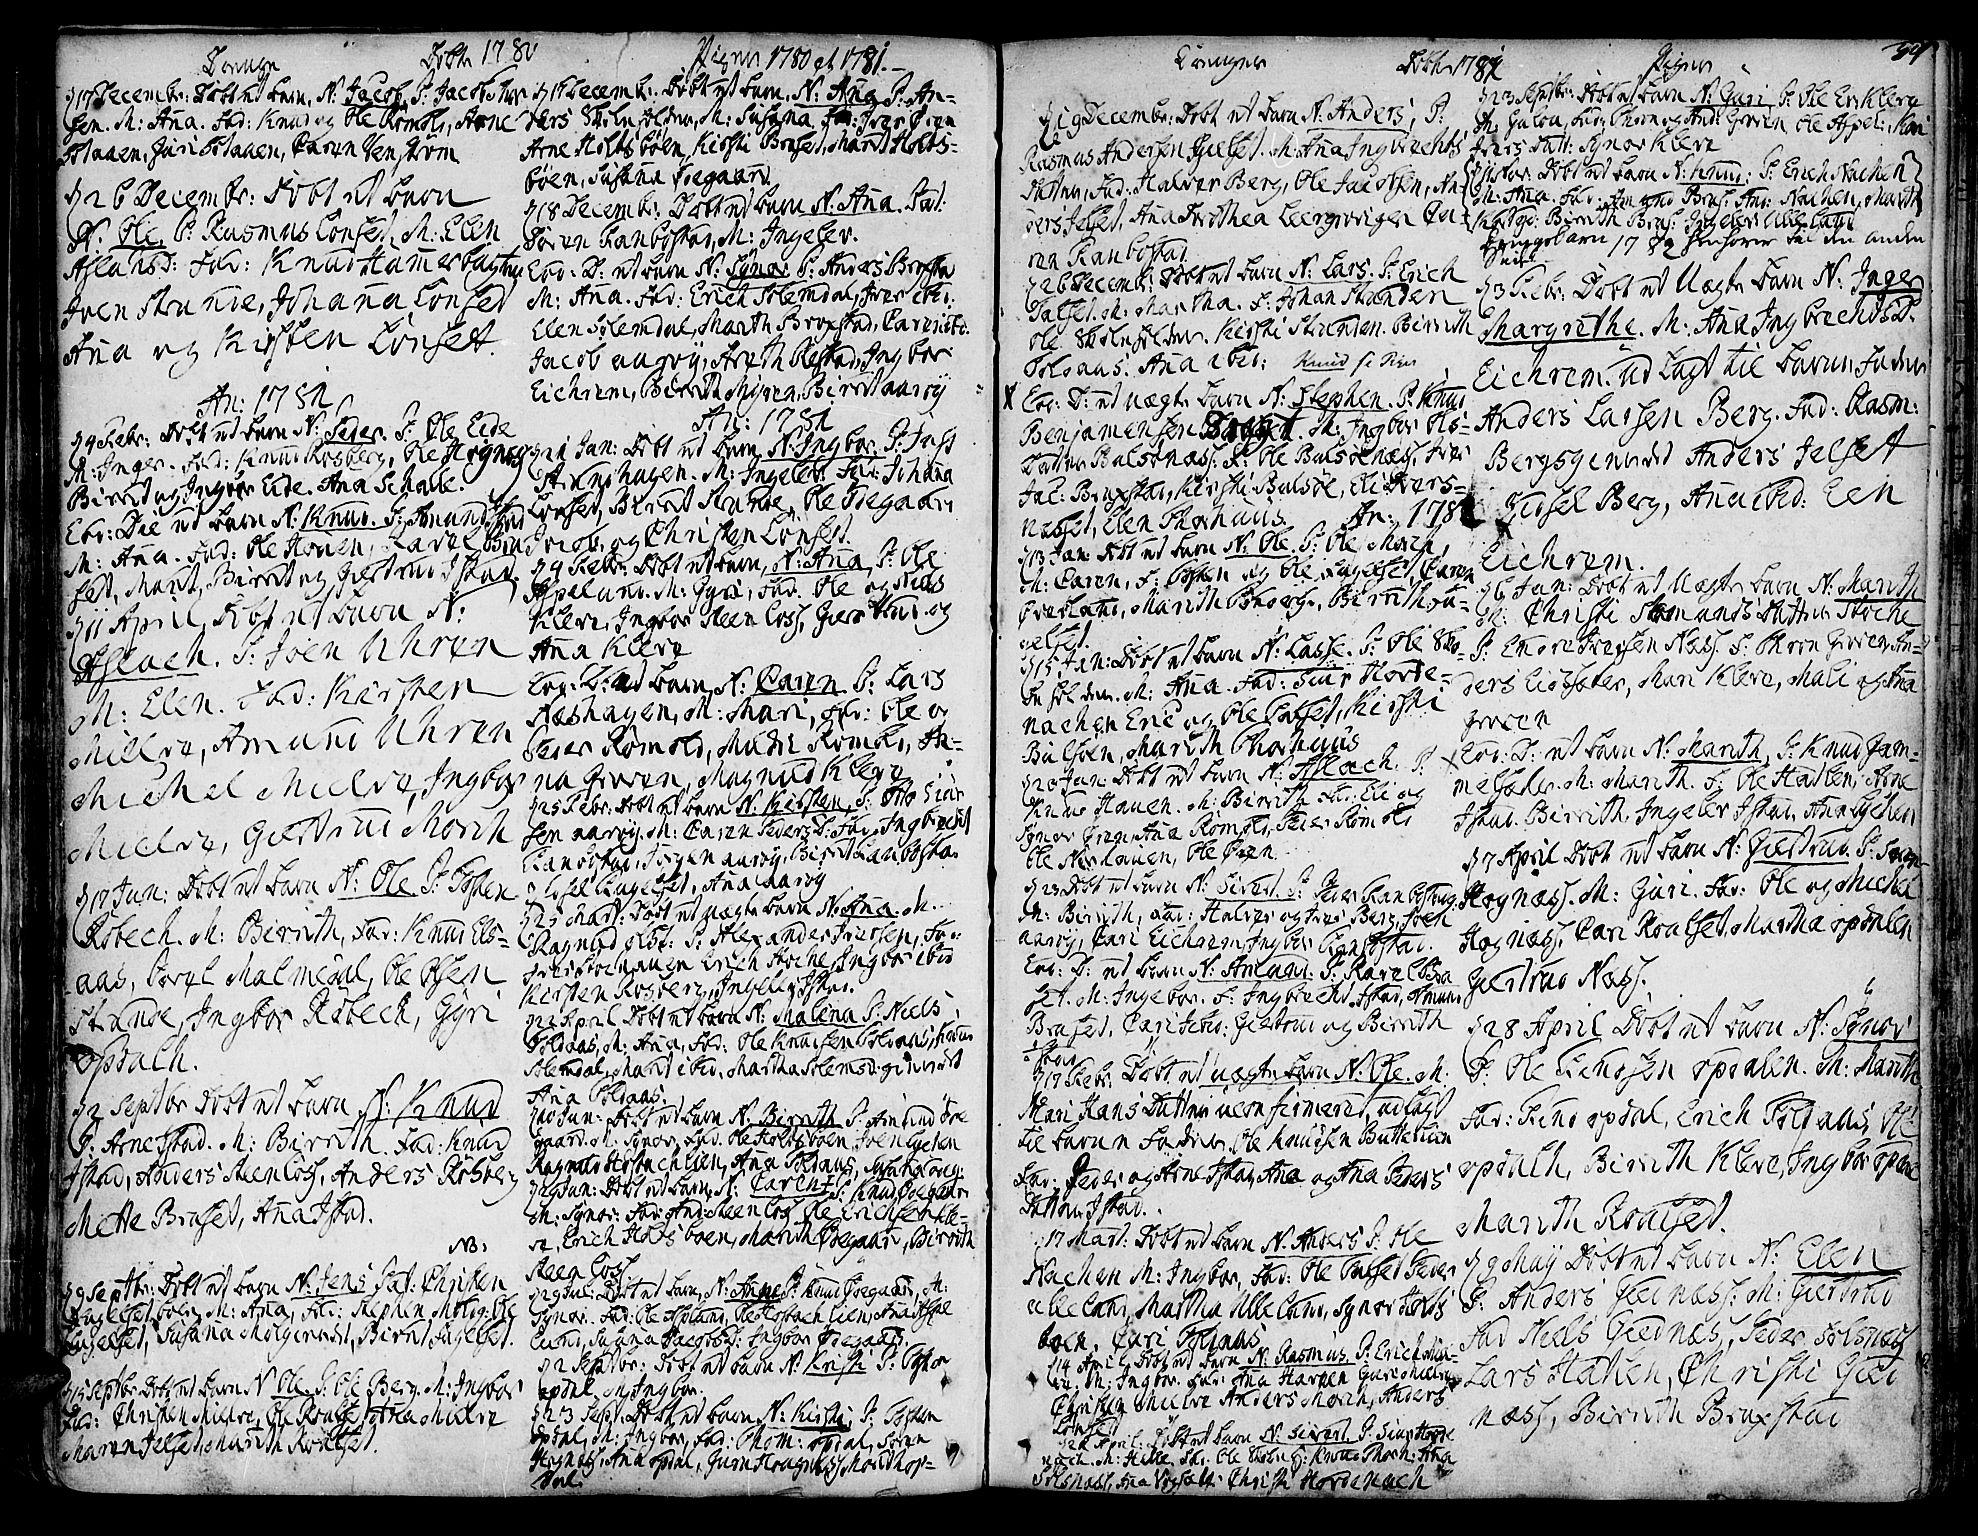 SAT, Ministerialprotokoller, klokkerbøker og fødselsregistre - Møre og Romsdal, 555/L0648: Ministerialbok nr. 555A01, 1759-1793, s. 54